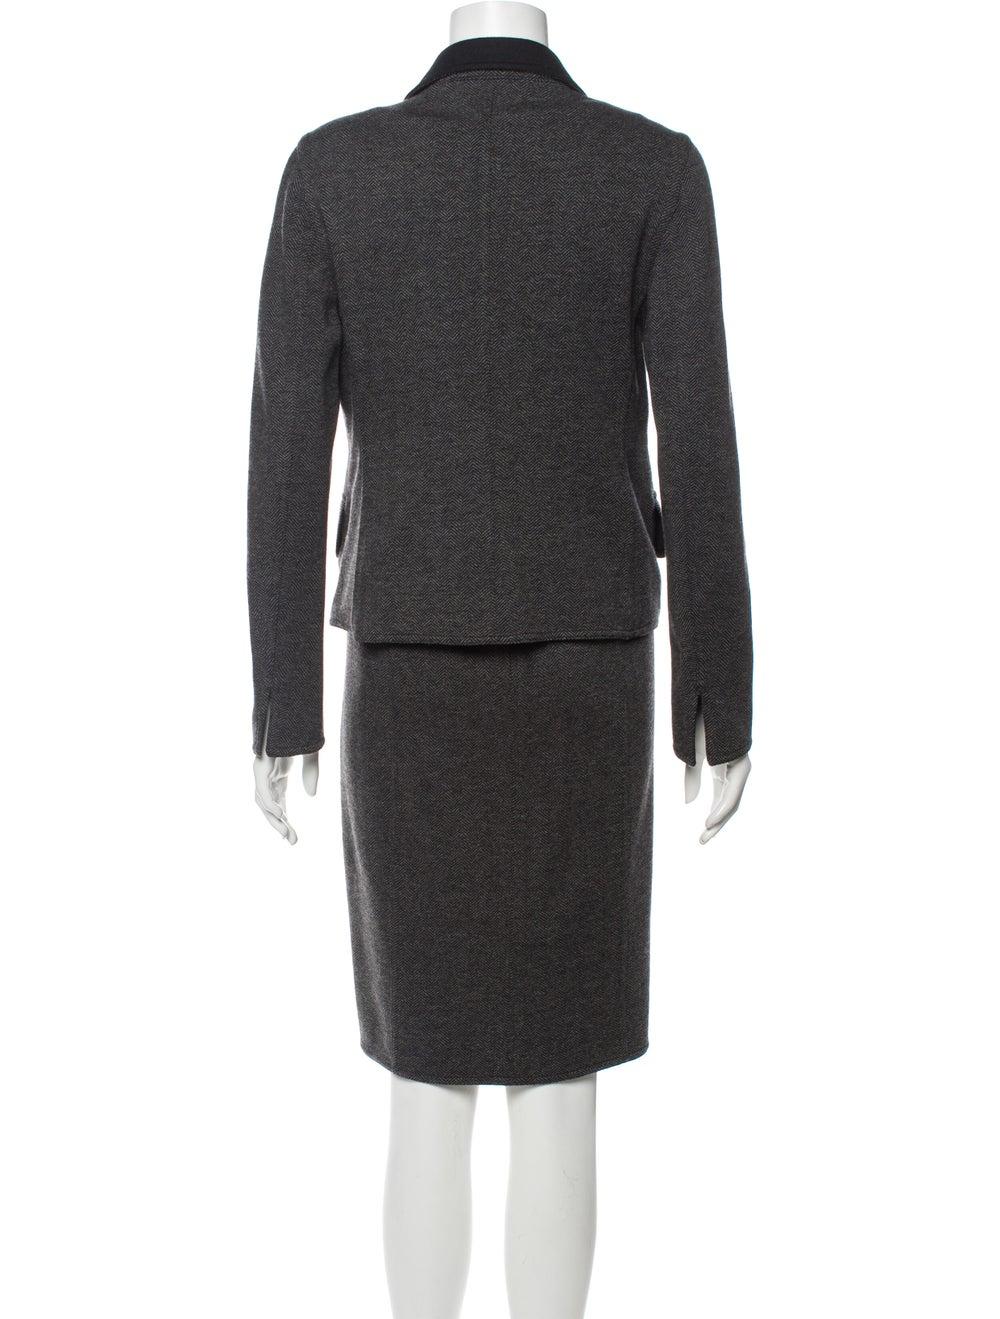 Akris Tweed Pattern Dress Set Grey - image 3